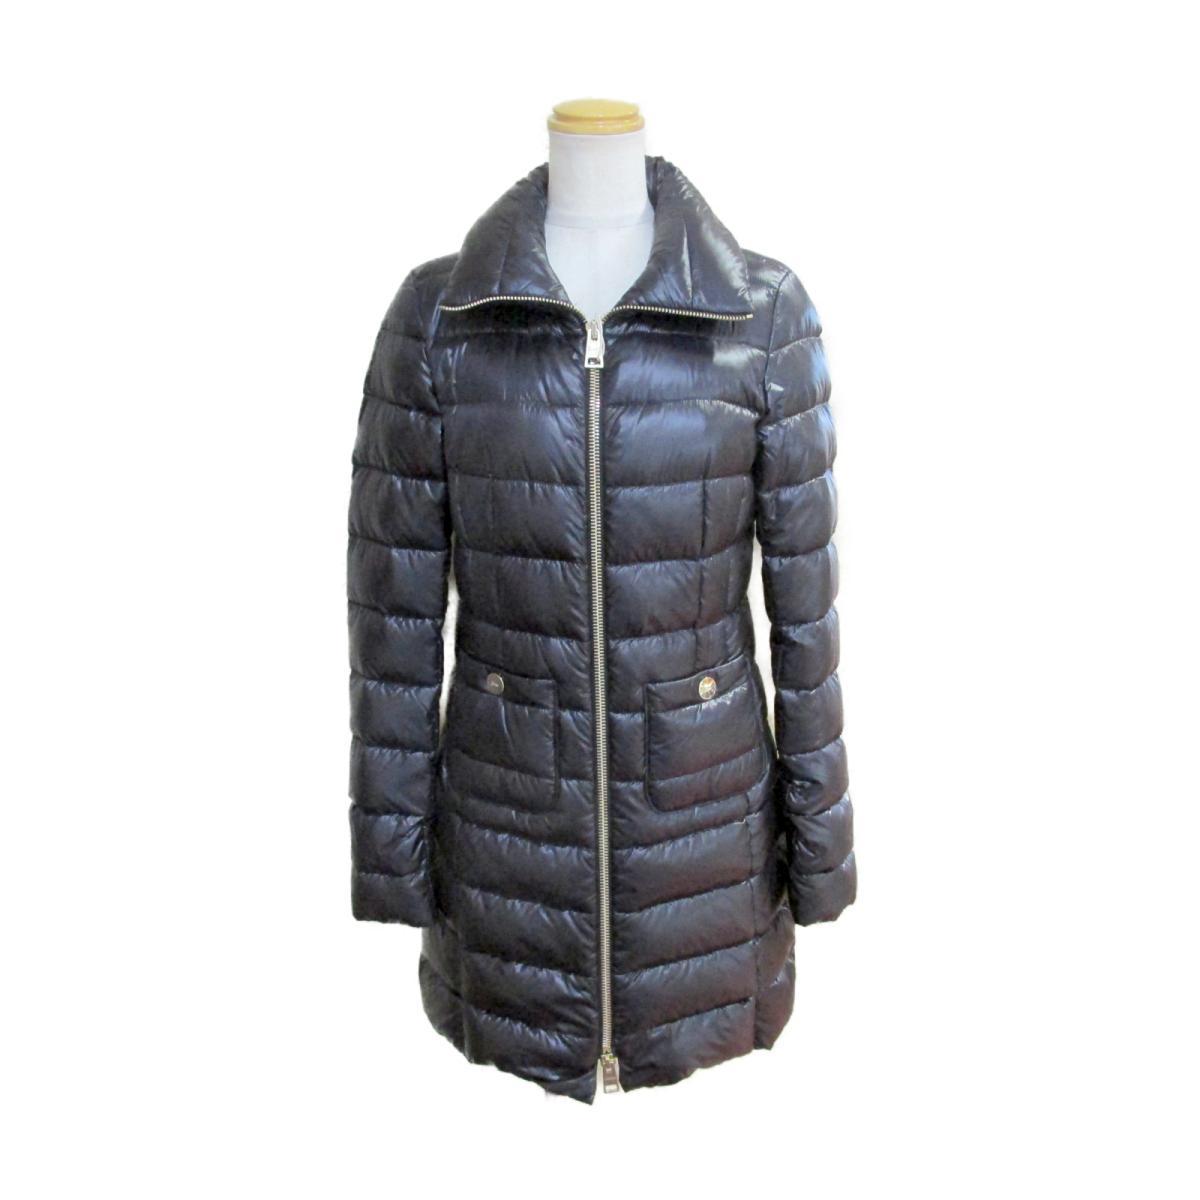 ヘルノ ジャケット レディース ポリアミド ブラック (PI0002DIC12017930038)   HERNO BRANDOFF ブランドオフ 衣料品 衣類 ブランド アウター コート